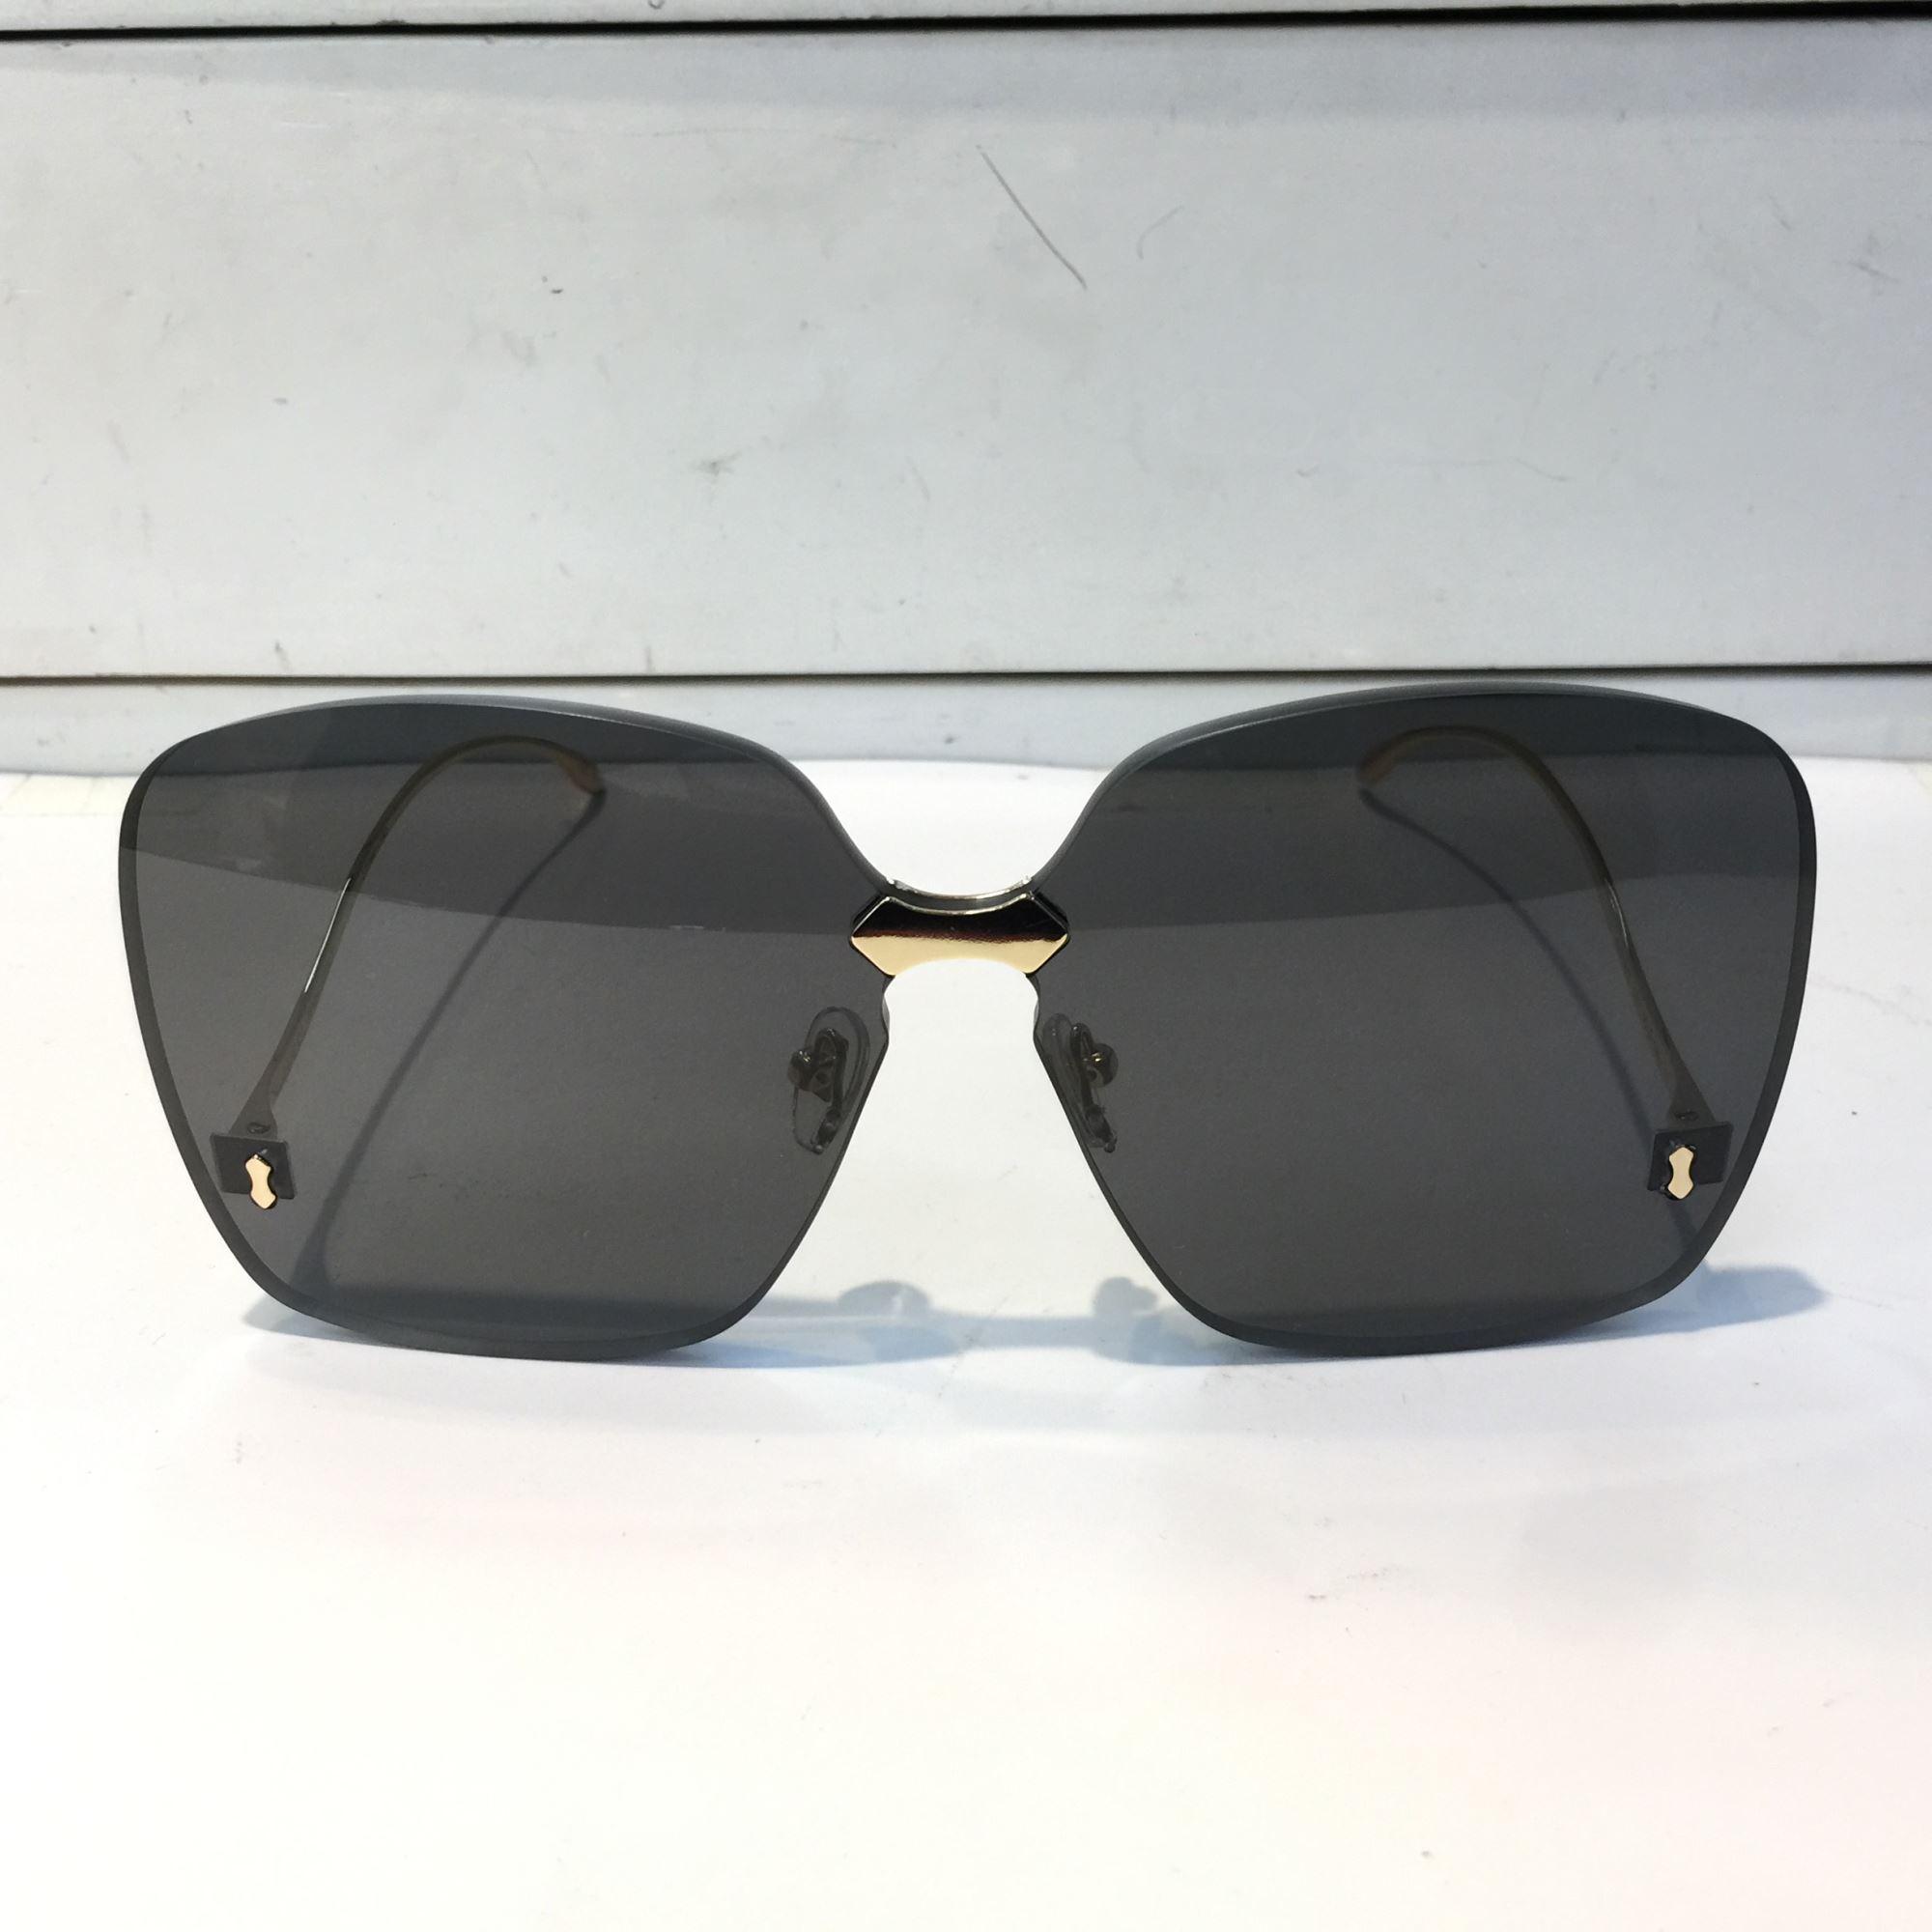 Lujo-0352 Diseñador Gafas de sol Calidad Mujeres Verano Revestimiento sin marco de sol Gafas de sol Lente de espejo Lente de fibra de carbono Estilo Piernas de moda FO KQRU